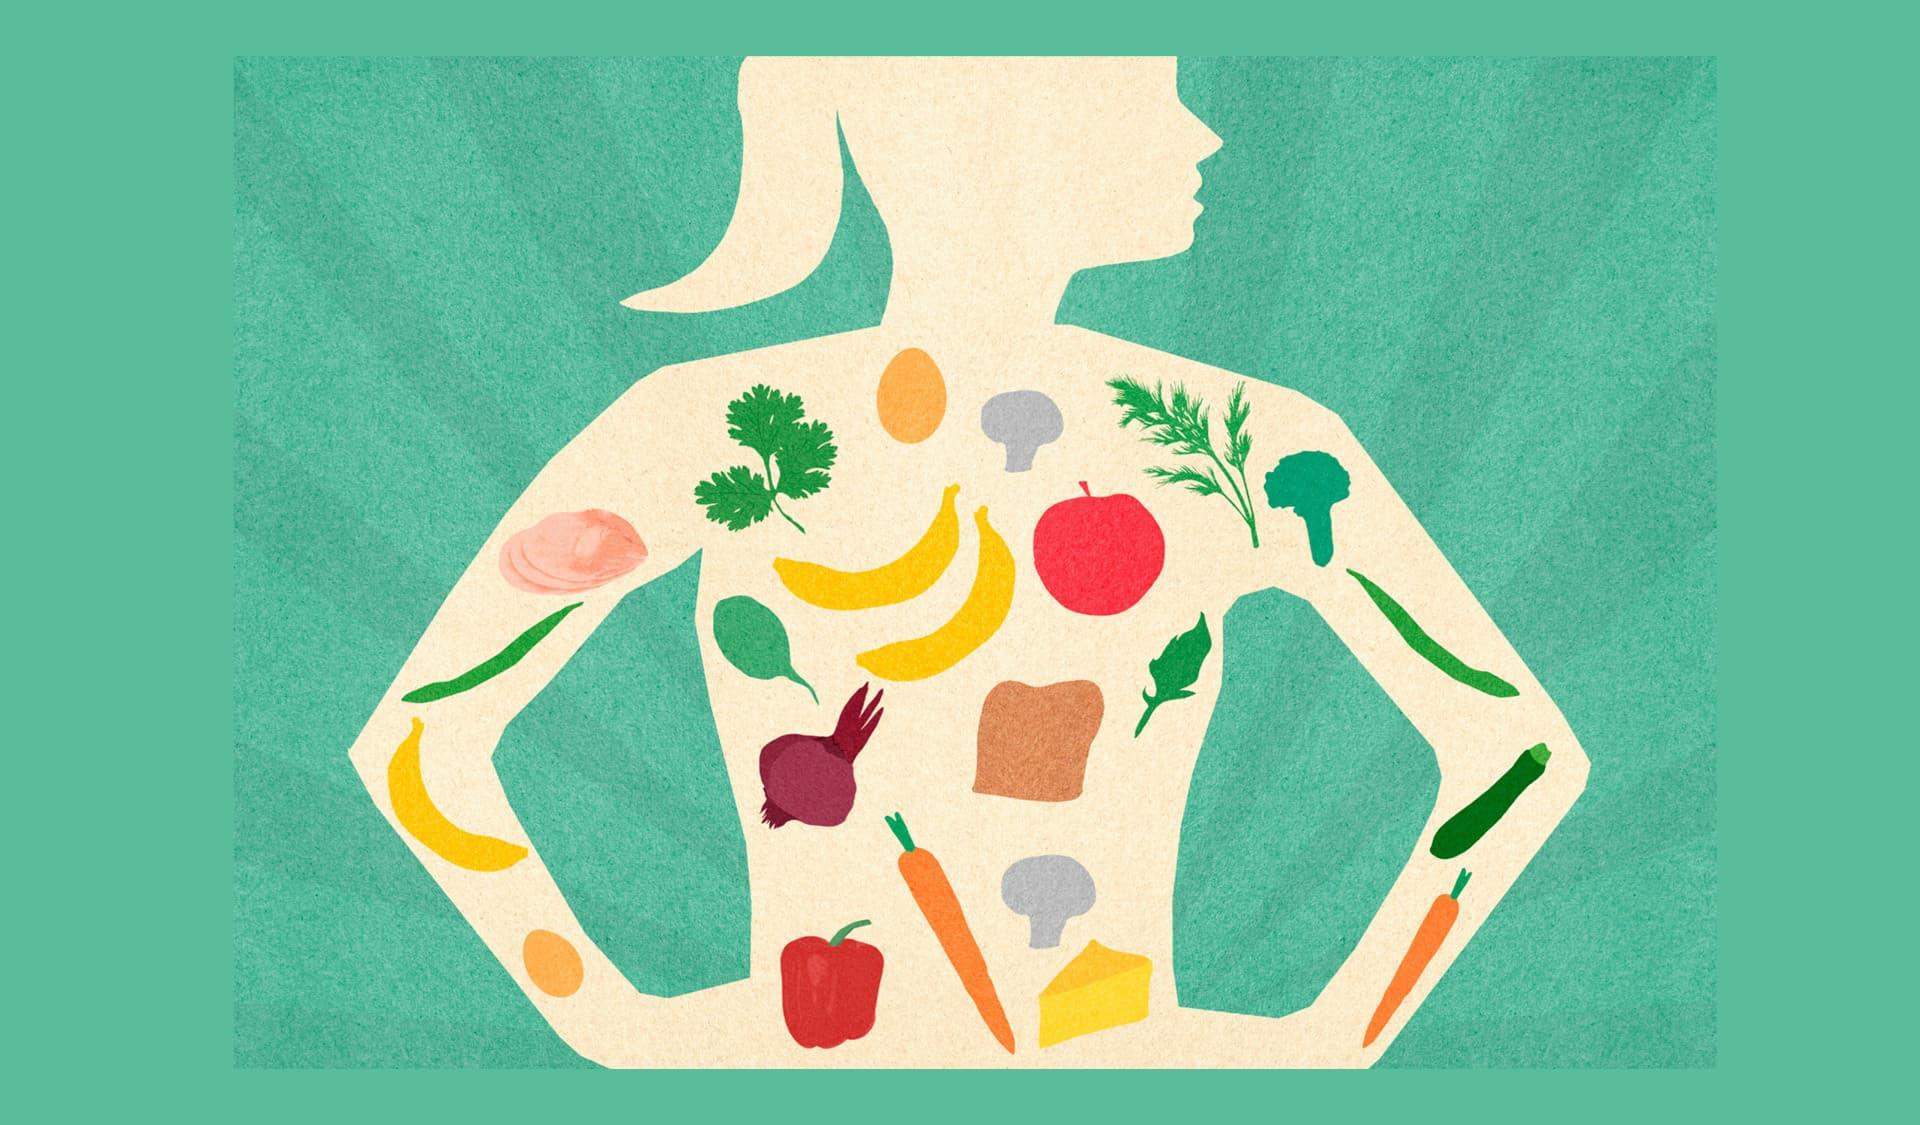 Essen im Körper: Basenfasten